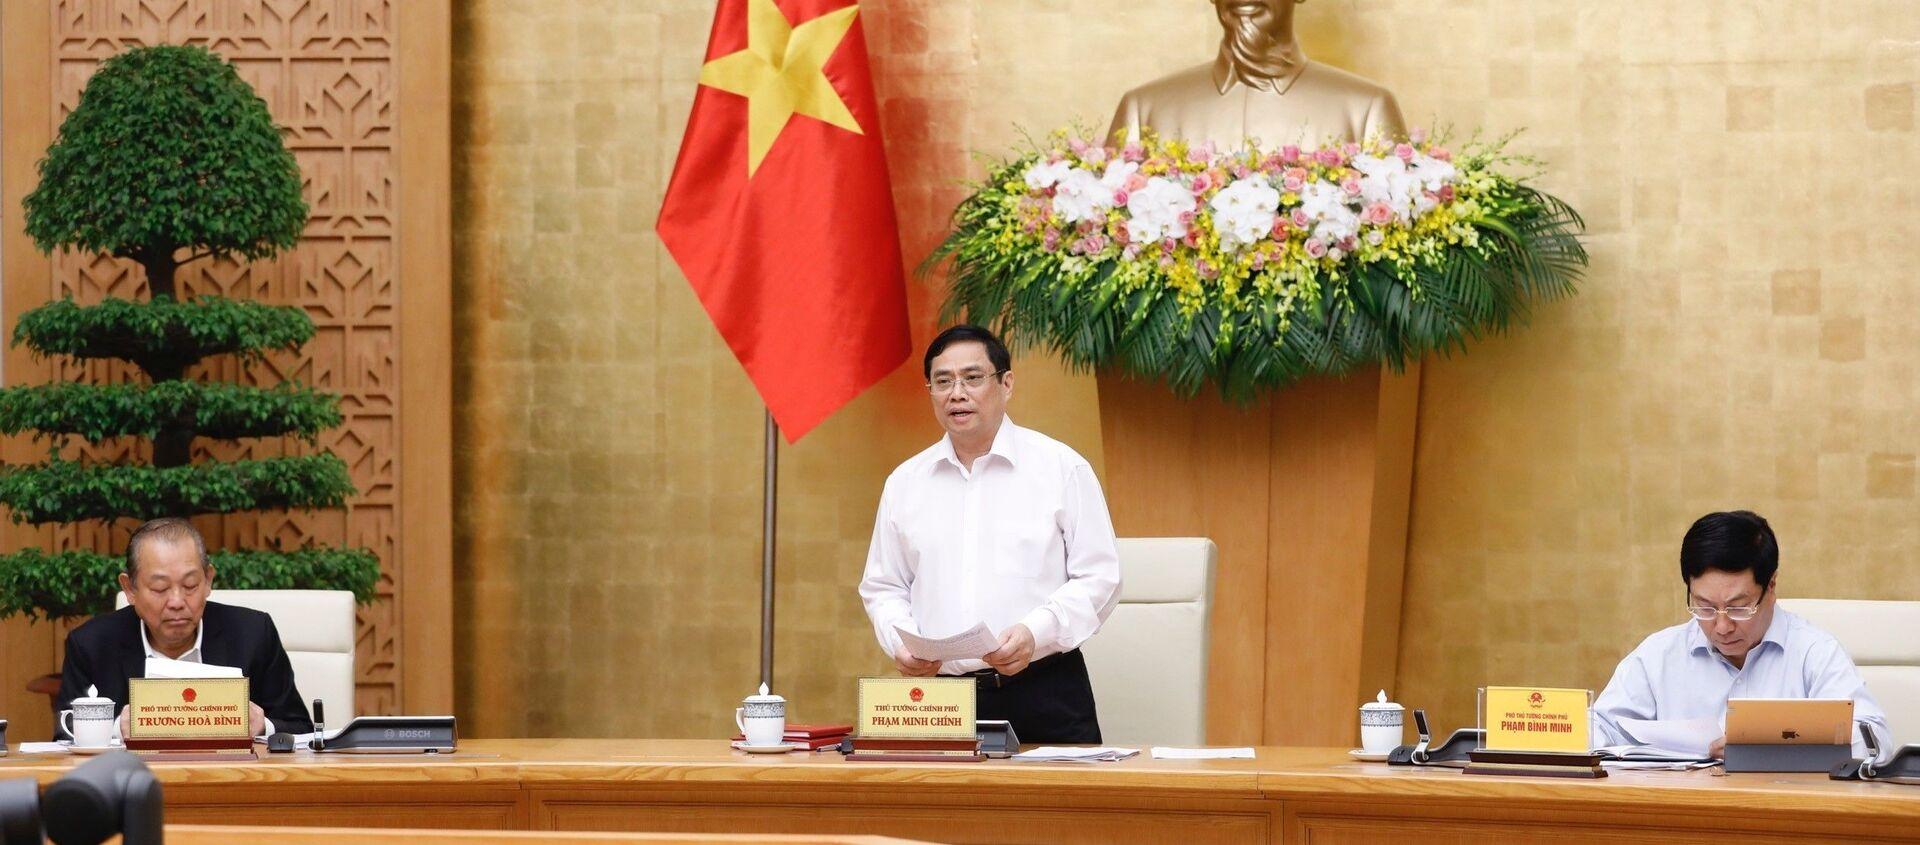 Thủ tướng Phạm Minh Chính phát biểu khai mạc phiên họp.  - Sputnik Việt Nam, 1920, 15.04.2021